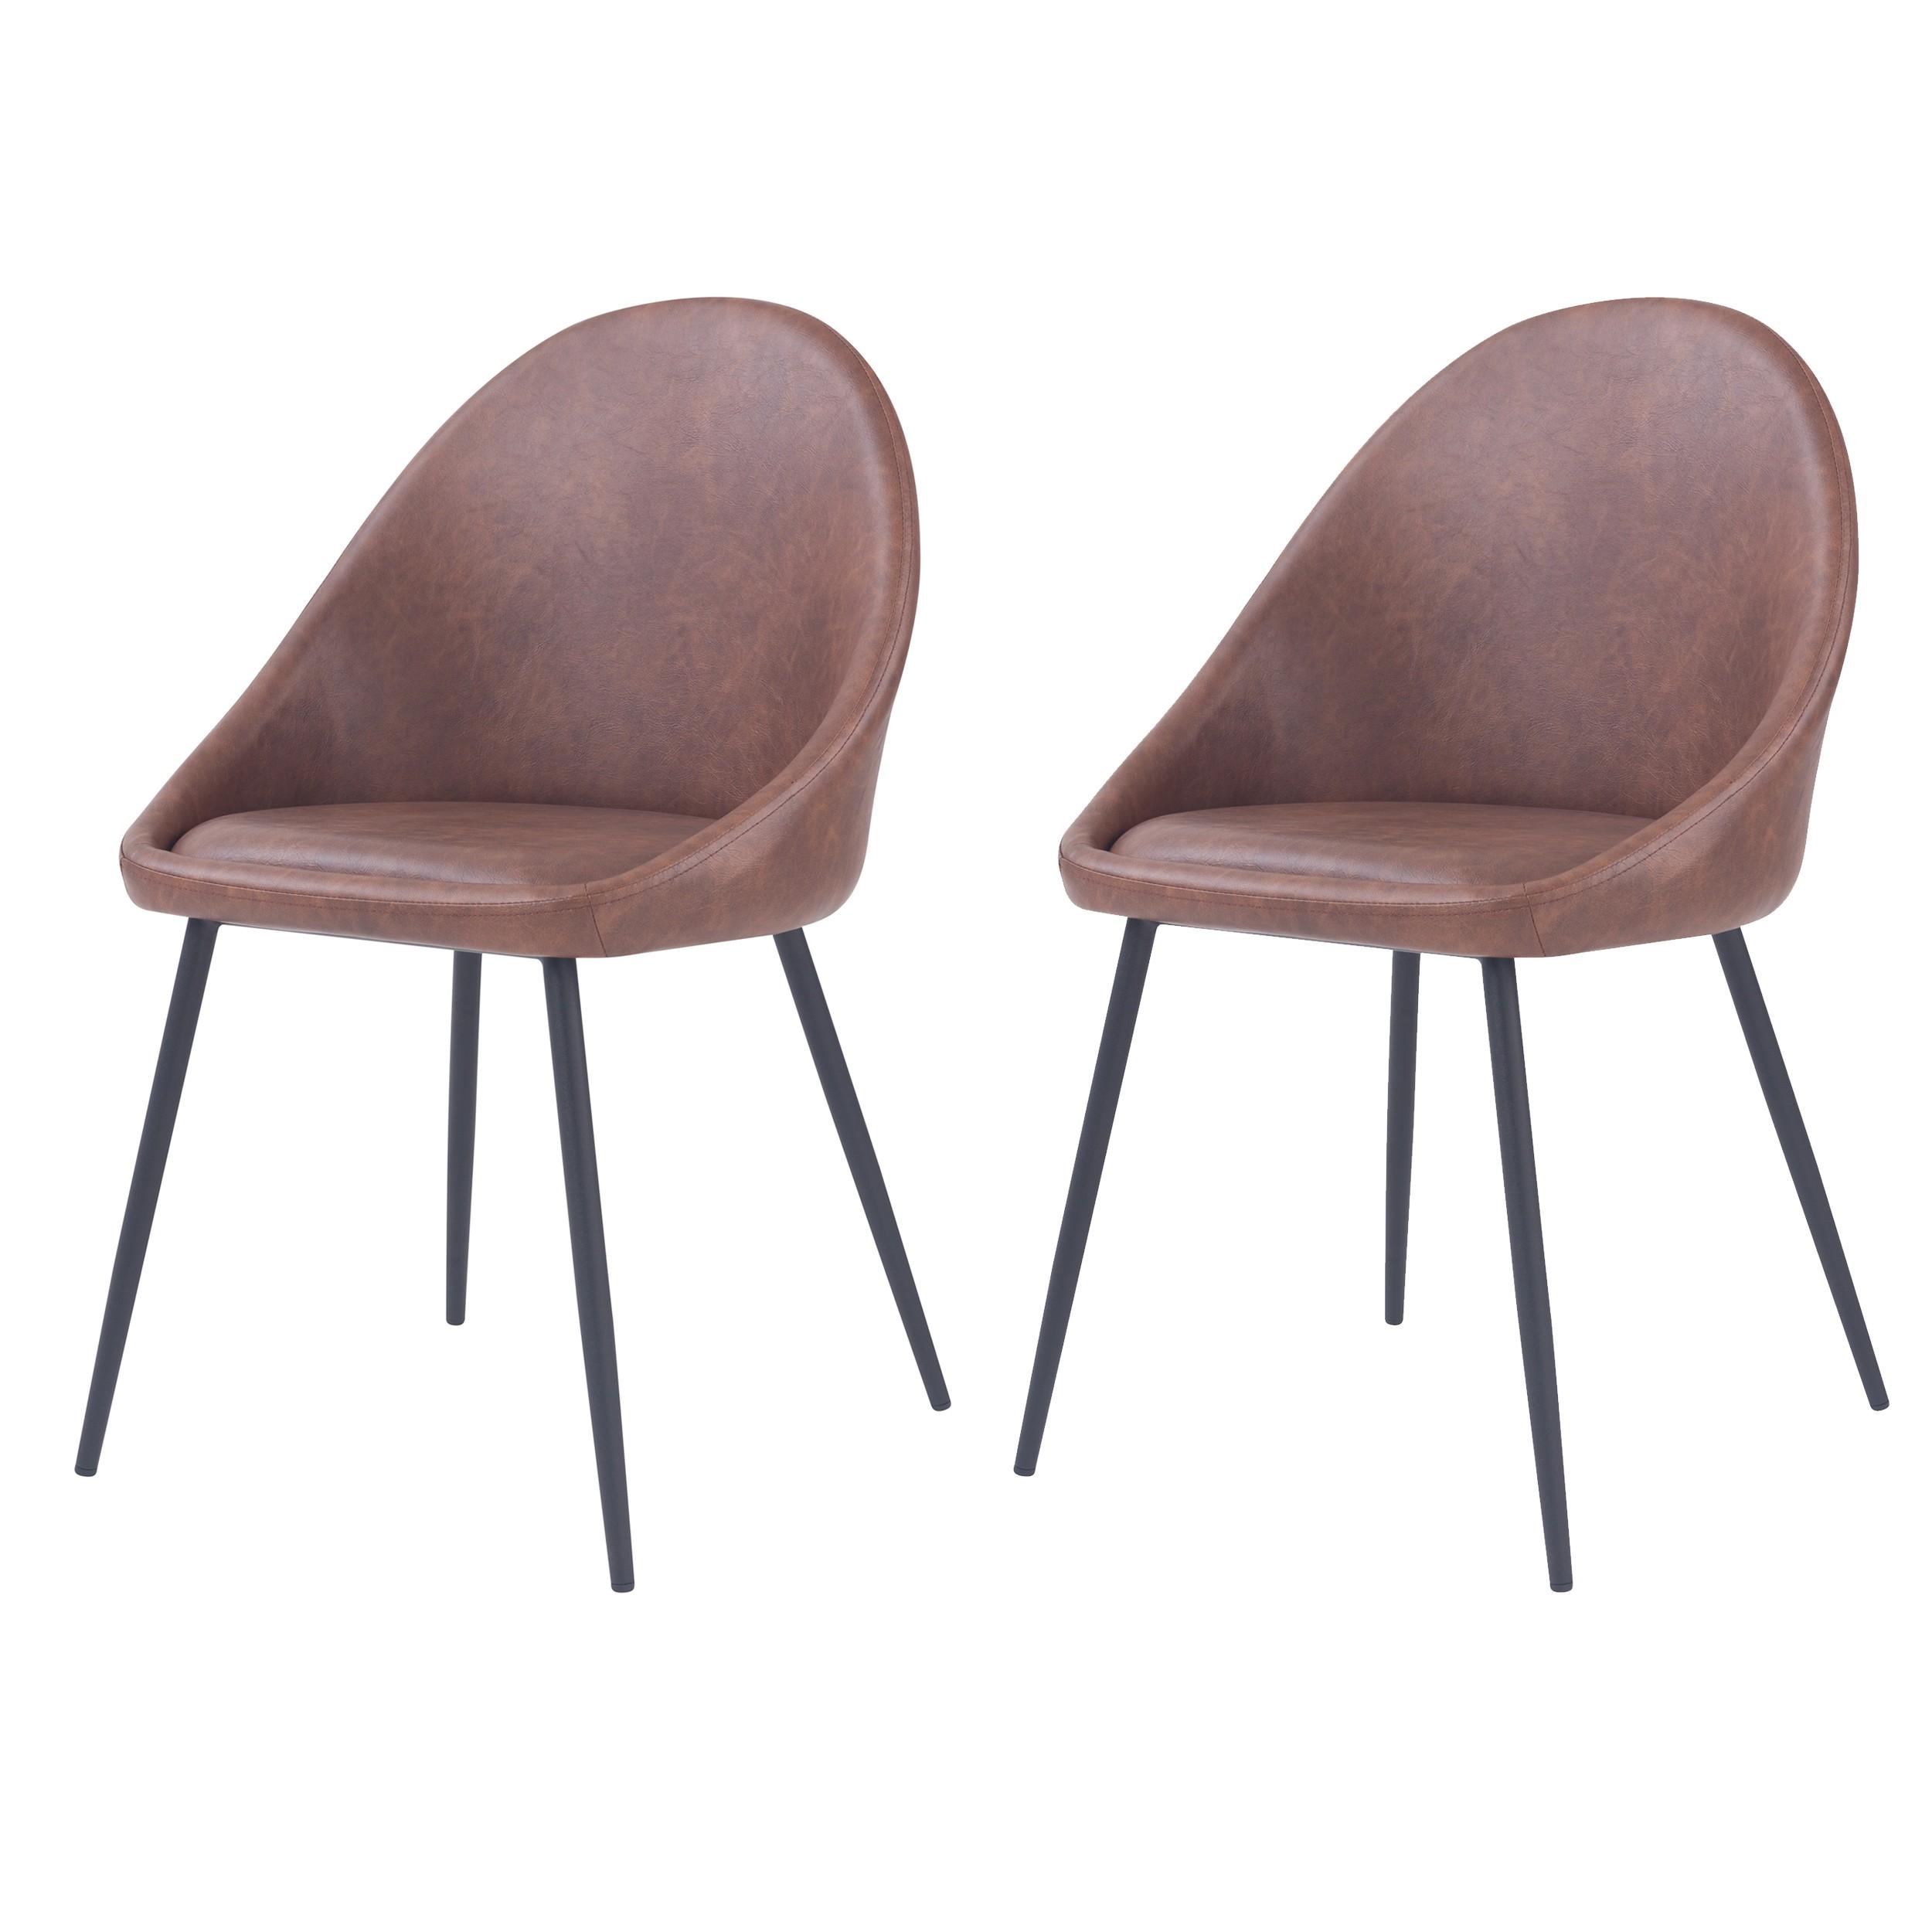 acheter chaise lot de 2 marron simili cuir